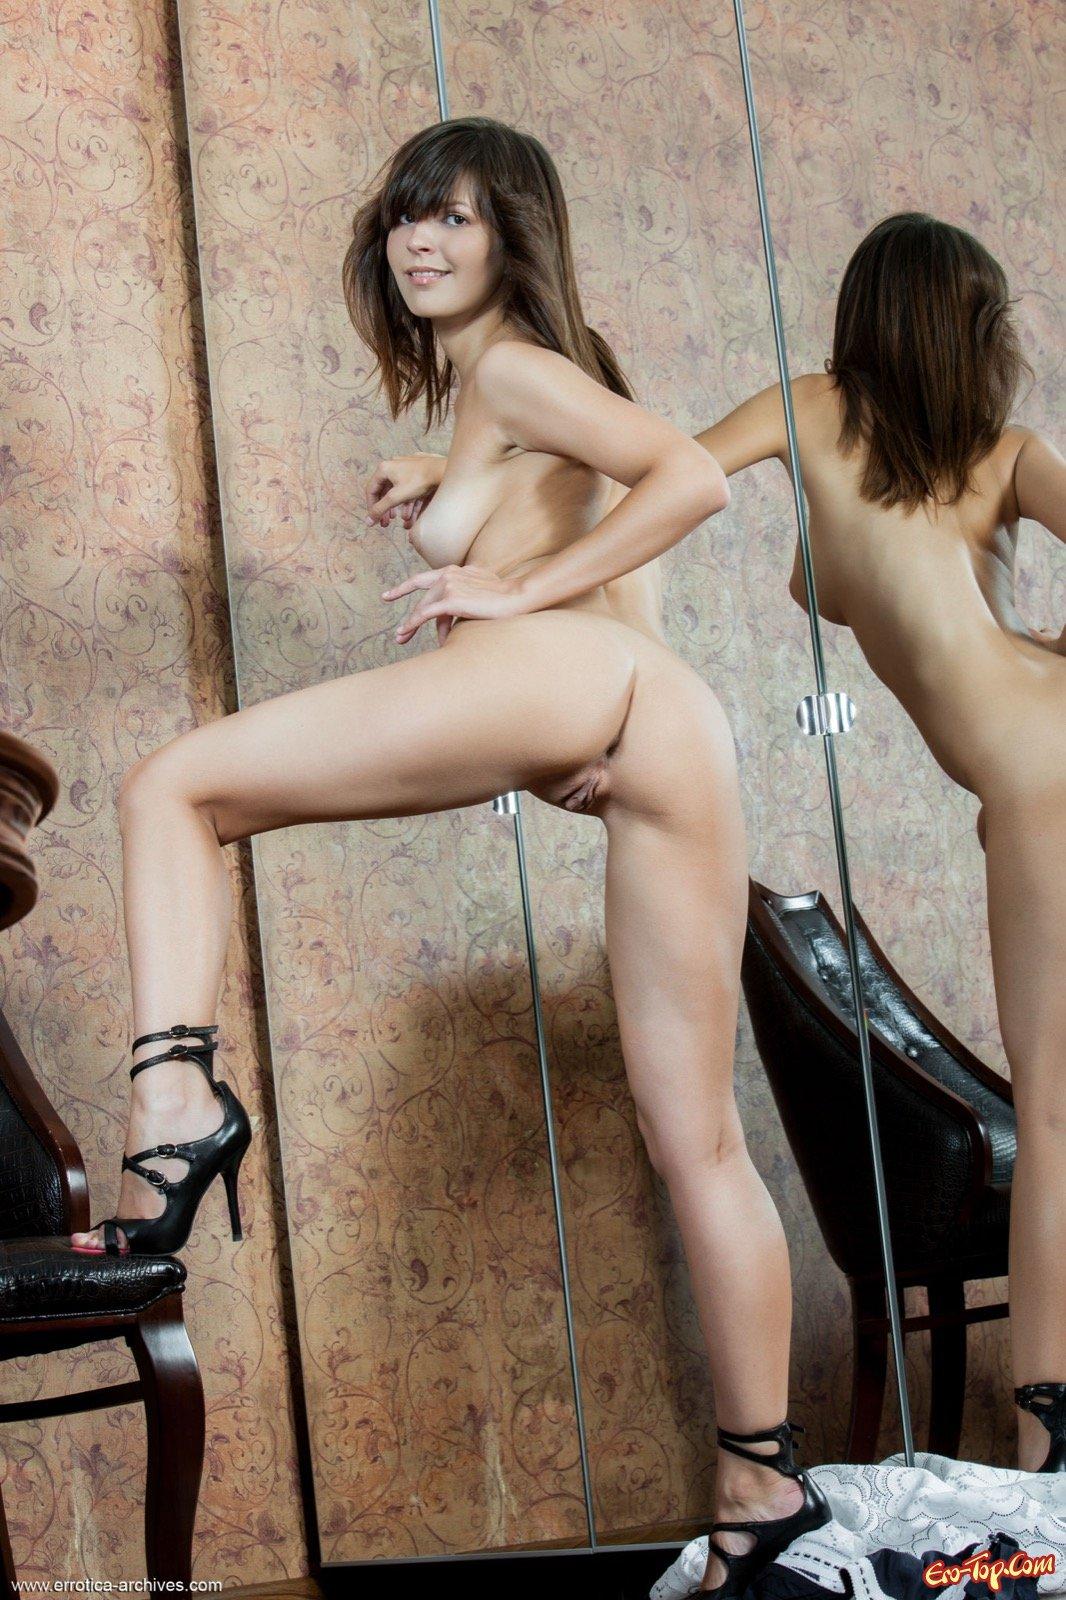 Девушка эротично сняла длинное платье у зеркала